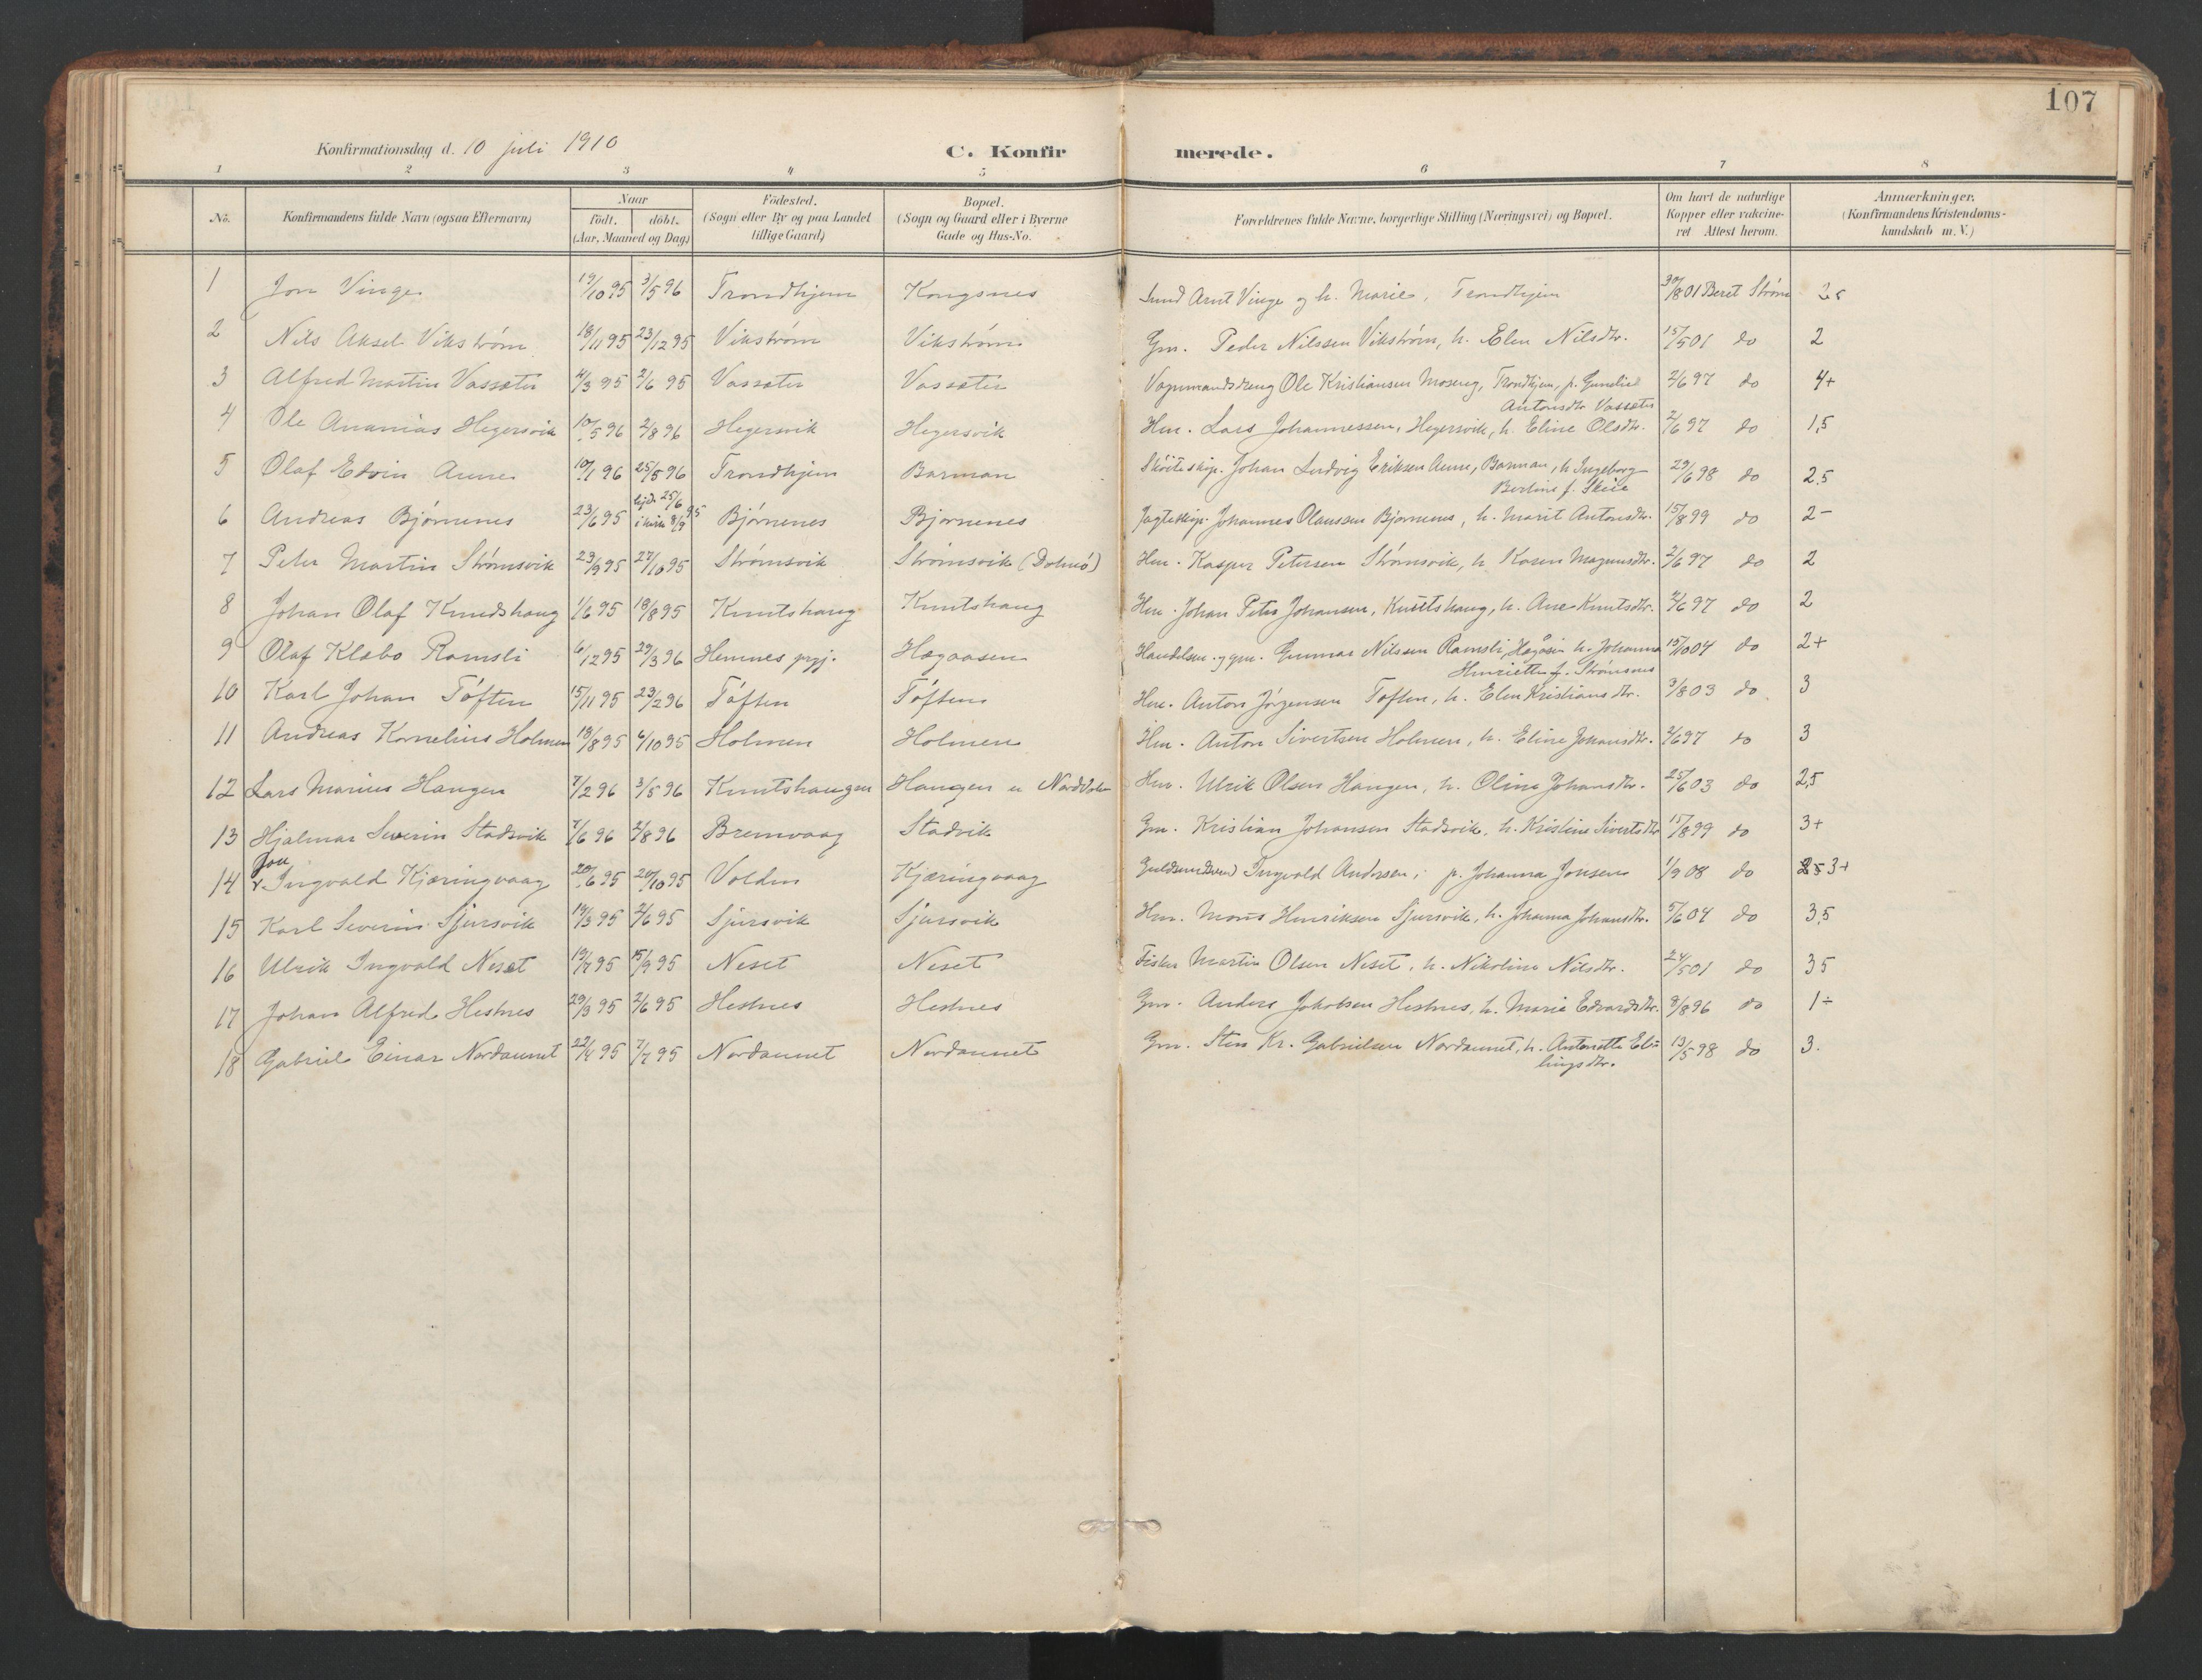 SAT, Ministerialprotokoller, klokkerbøker og fødselsregistre - Sør-Trøndelag, 634/L0537: Ministerialbok nr. 634A13, 1896-1922, s. 107